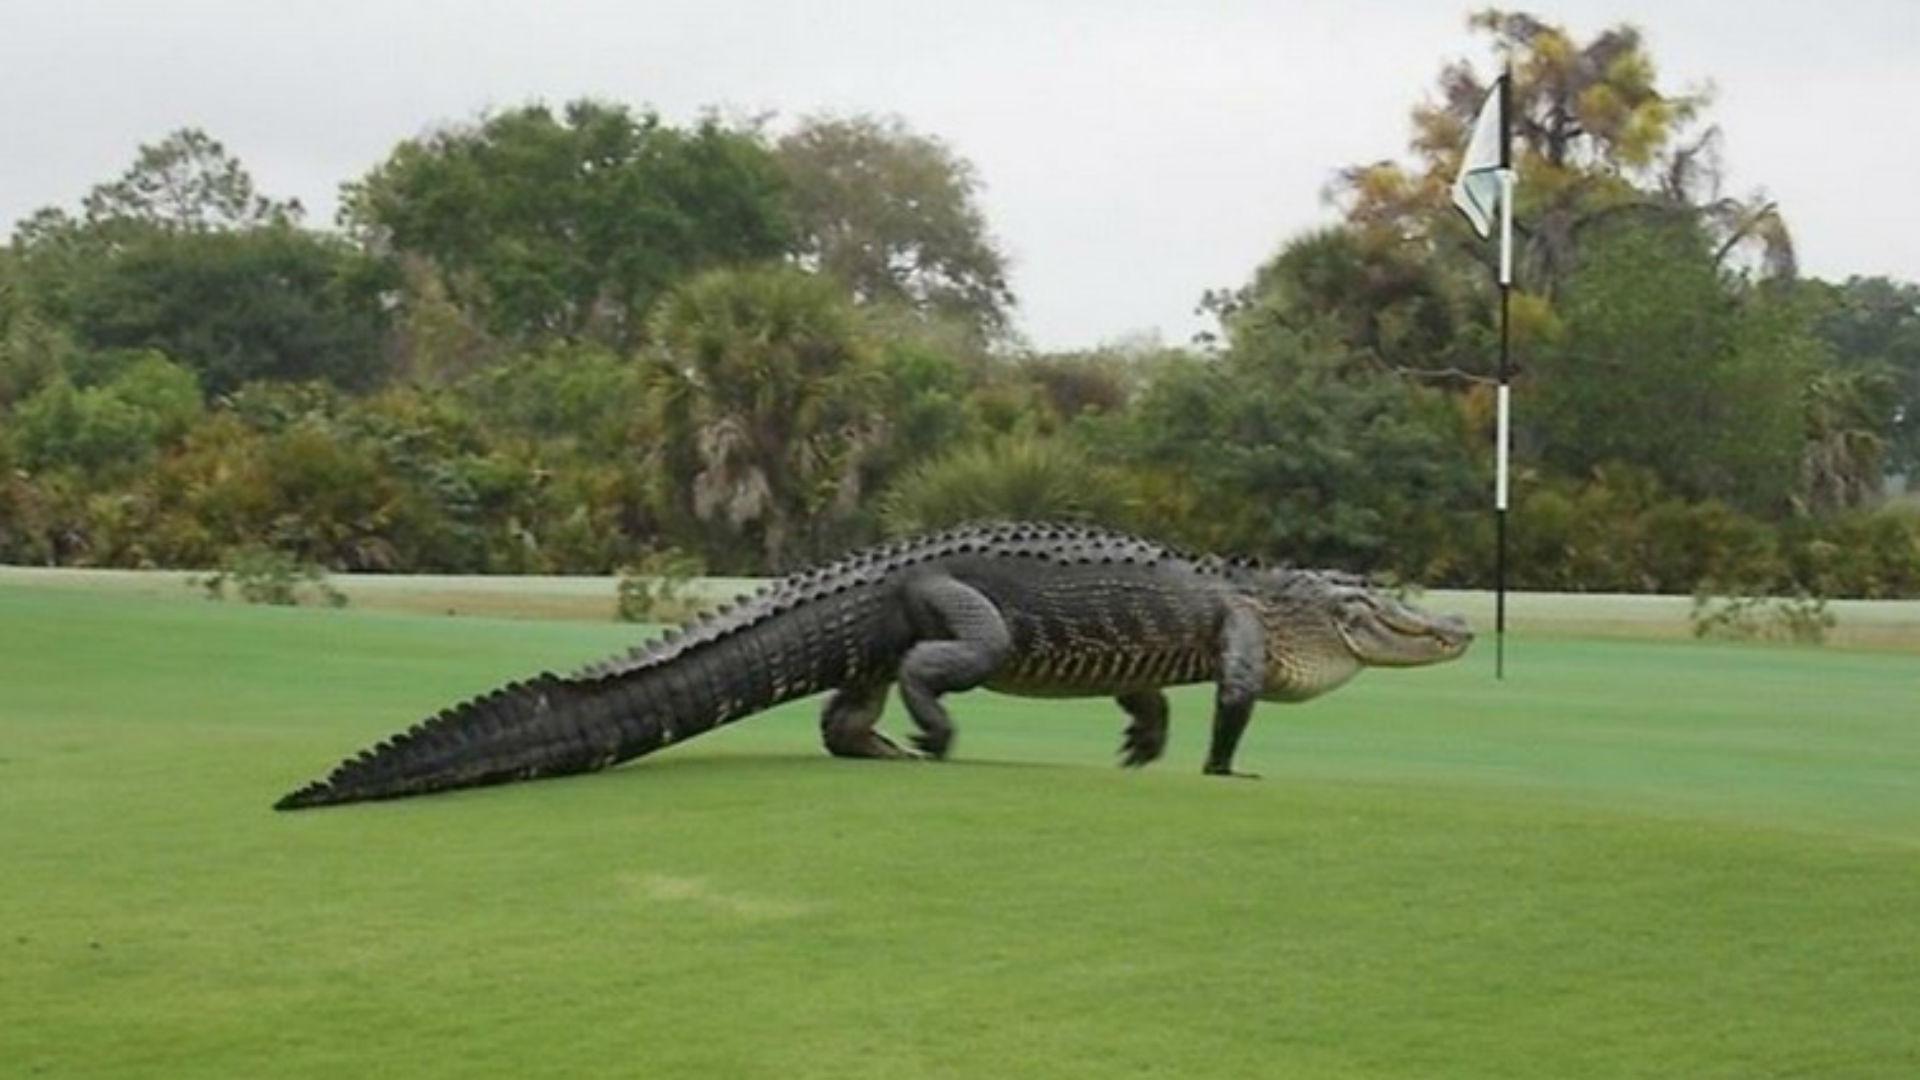 golf-alligator-031115-ftr-ftw.jpg